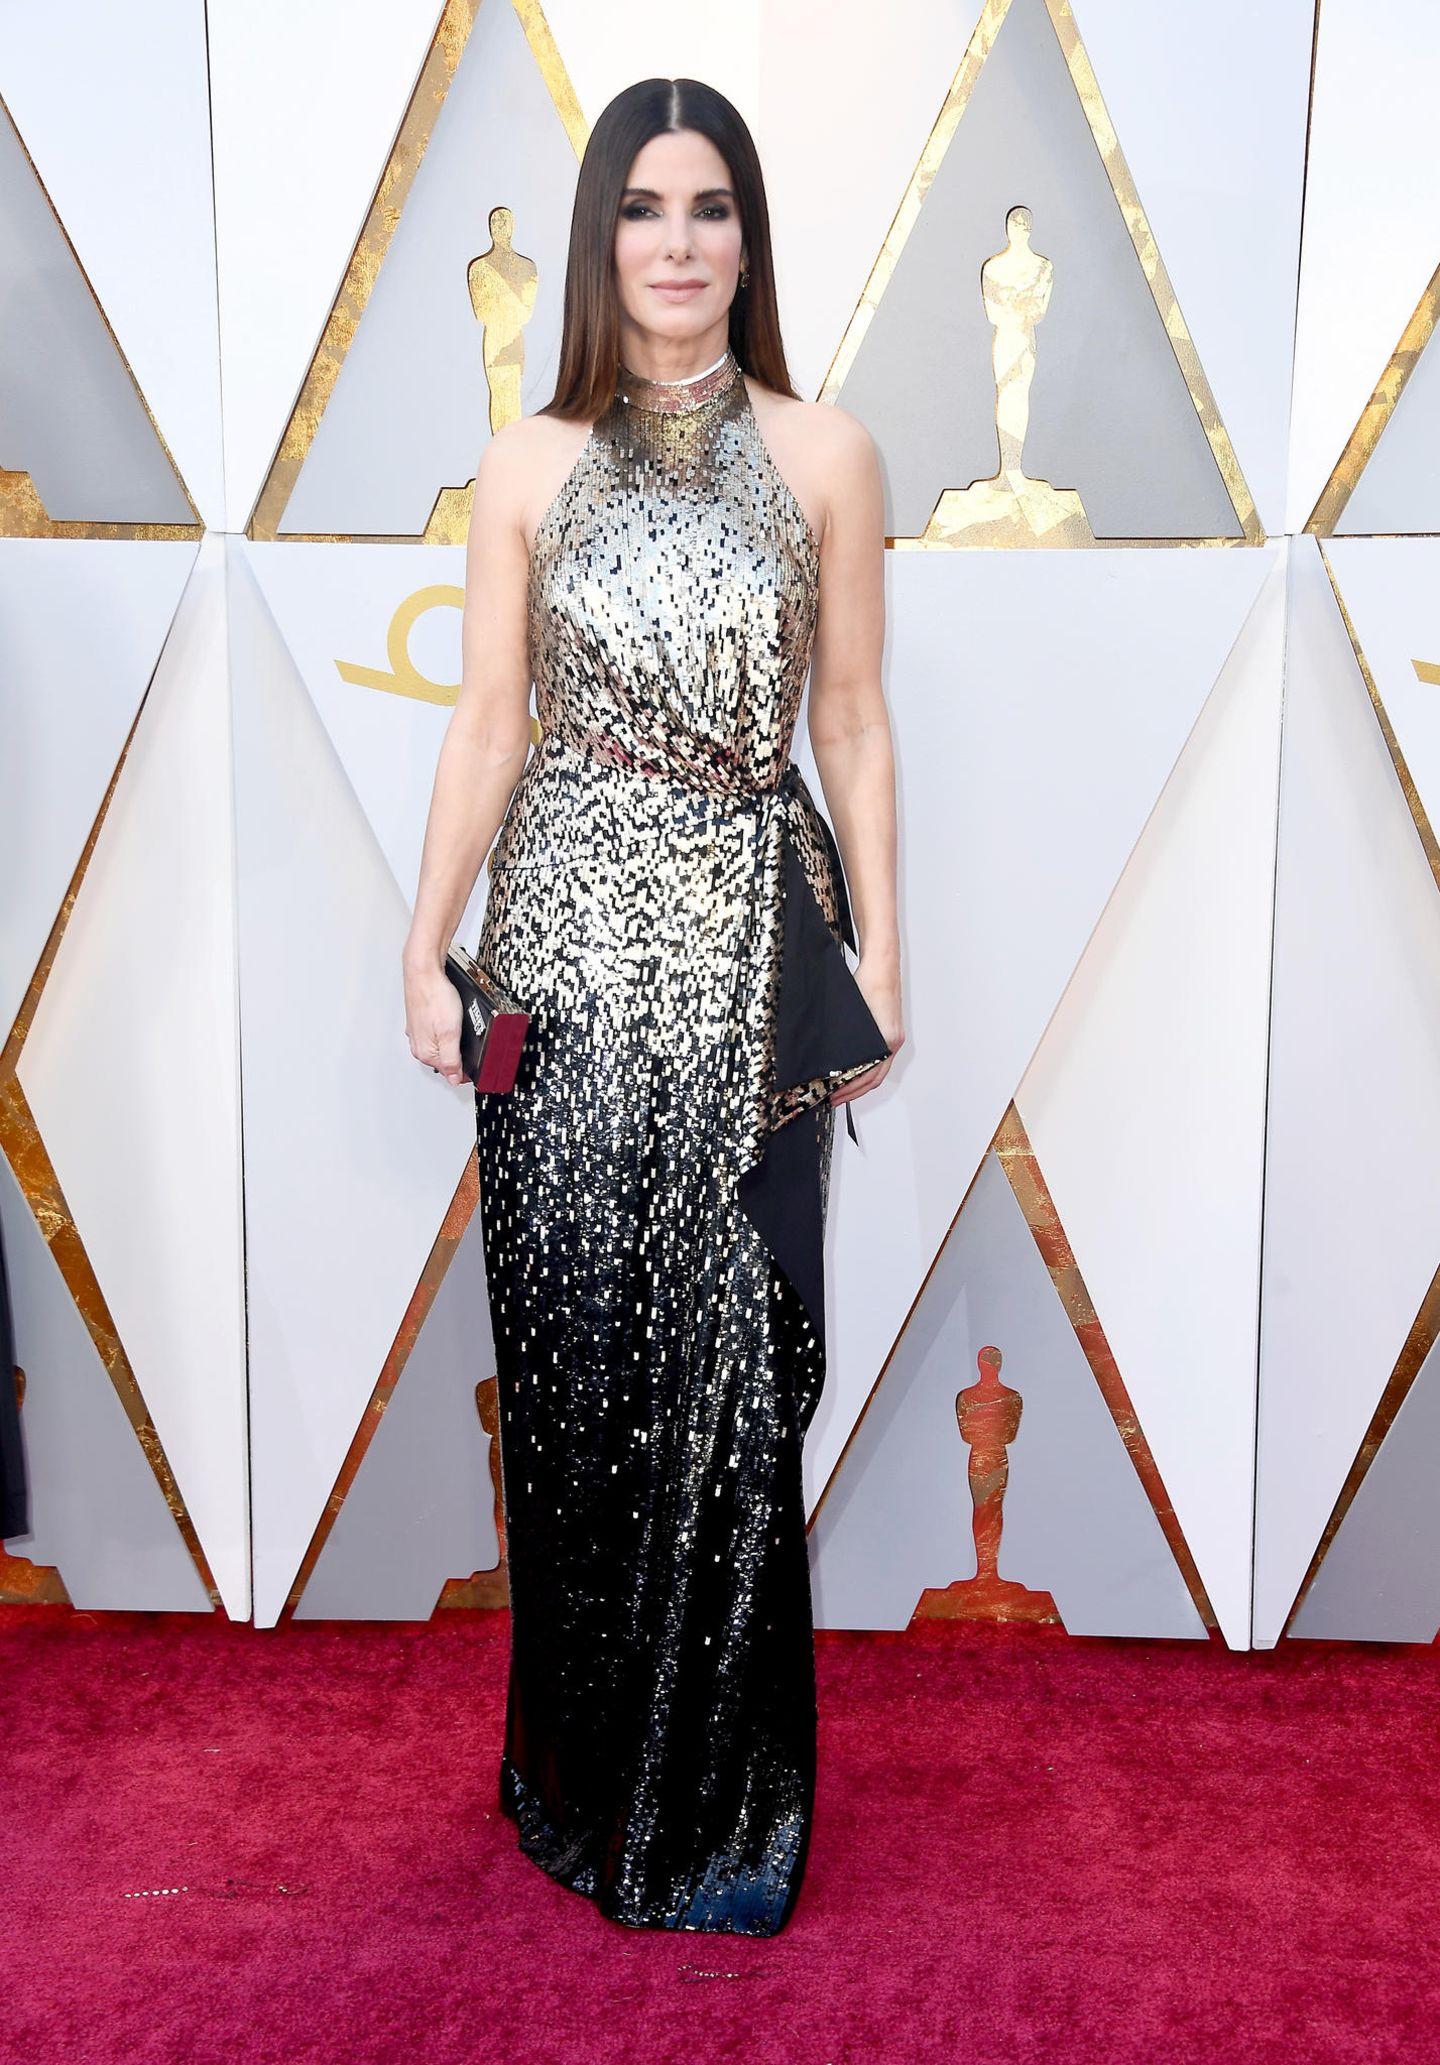 Sandra Bullock in Louis Vuitton